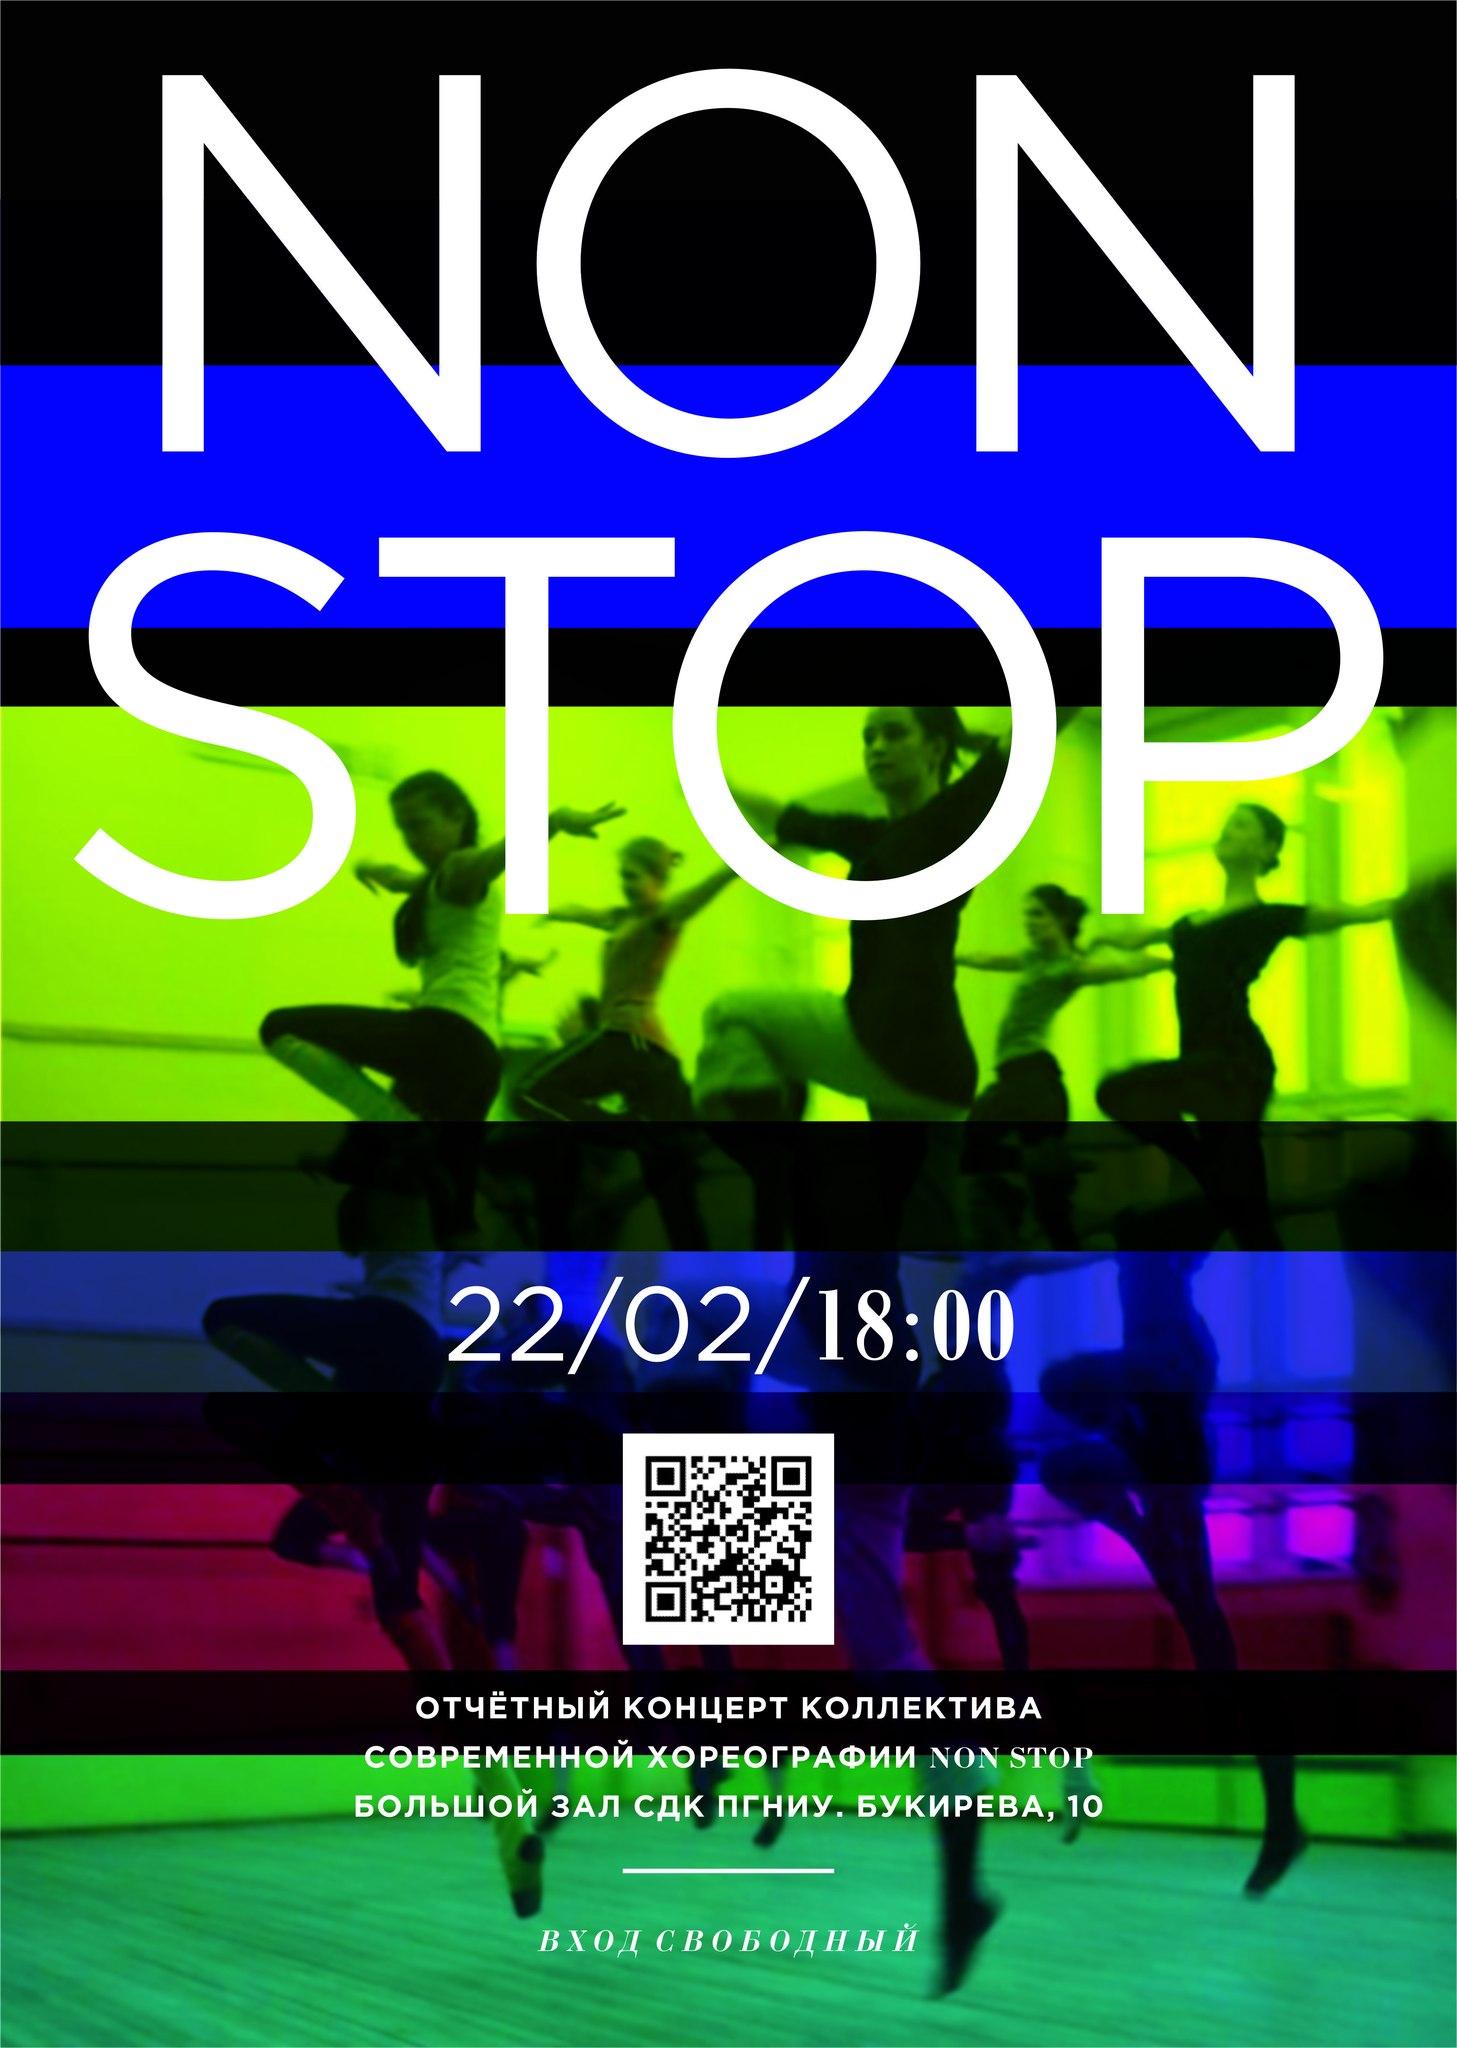 Отчетный концерт Non-stop